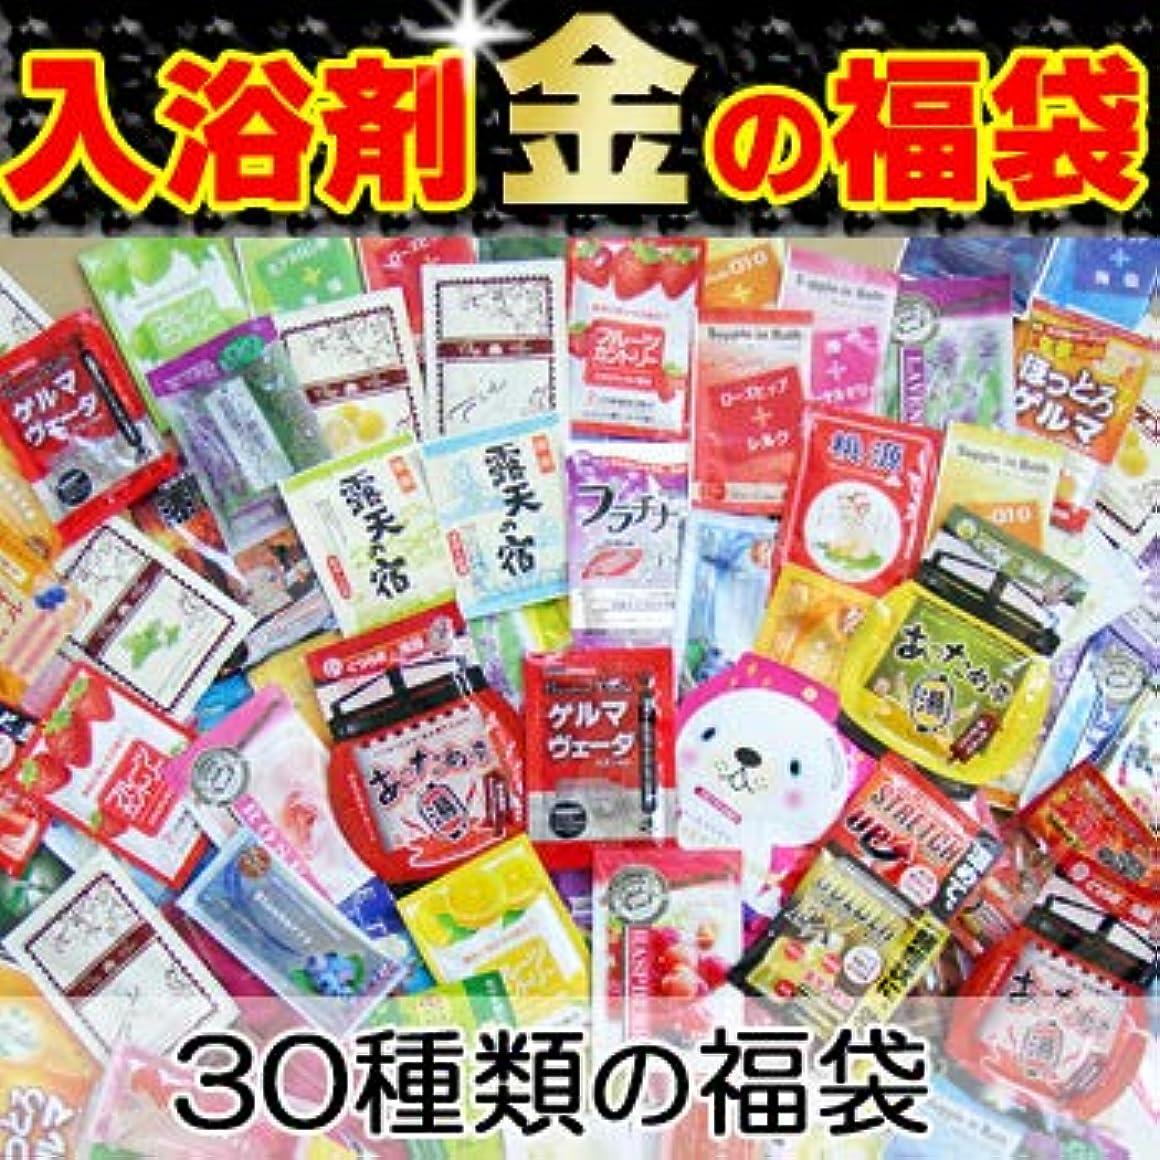 突き出す服攻撃的お試し入浴剤 金の福袋30種類!30日分 入浴剤福袋 安心の日本製!